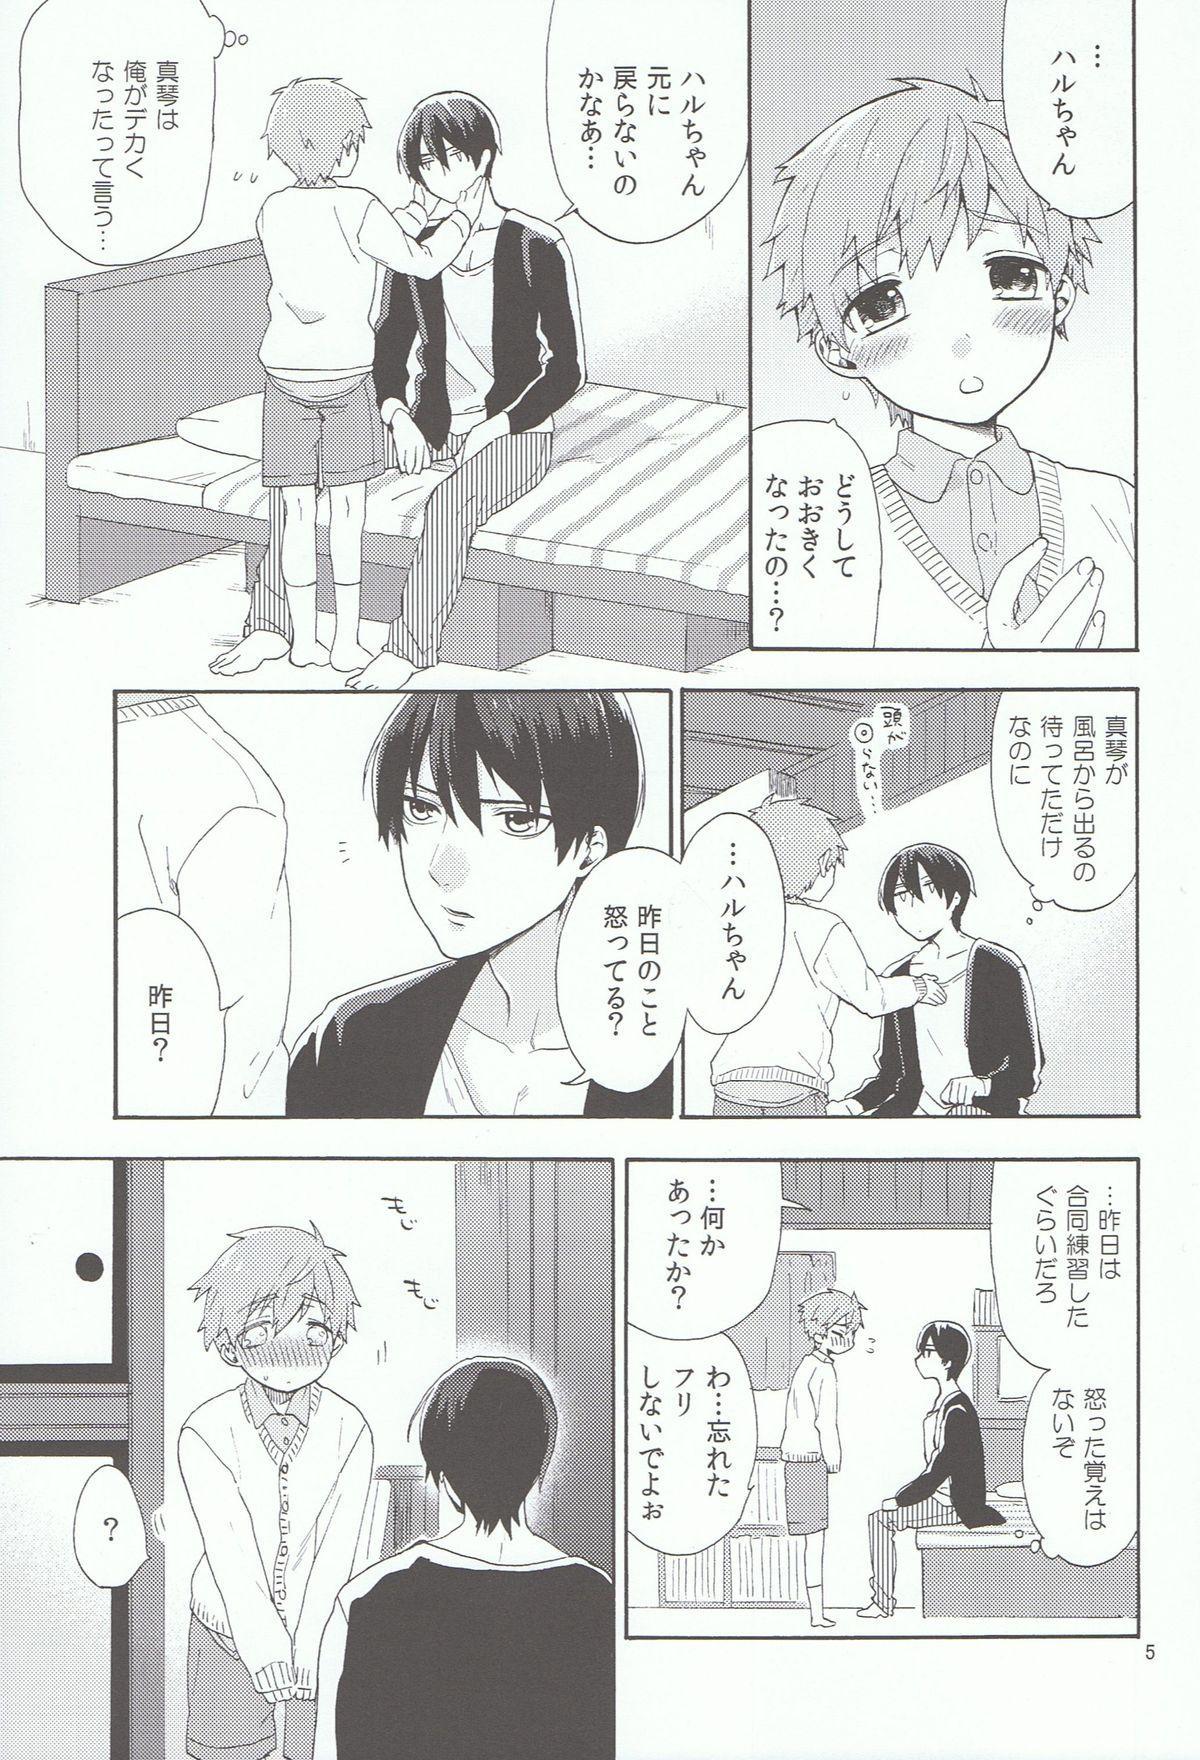 Chiisai Boku wa Suki Desu ka 3